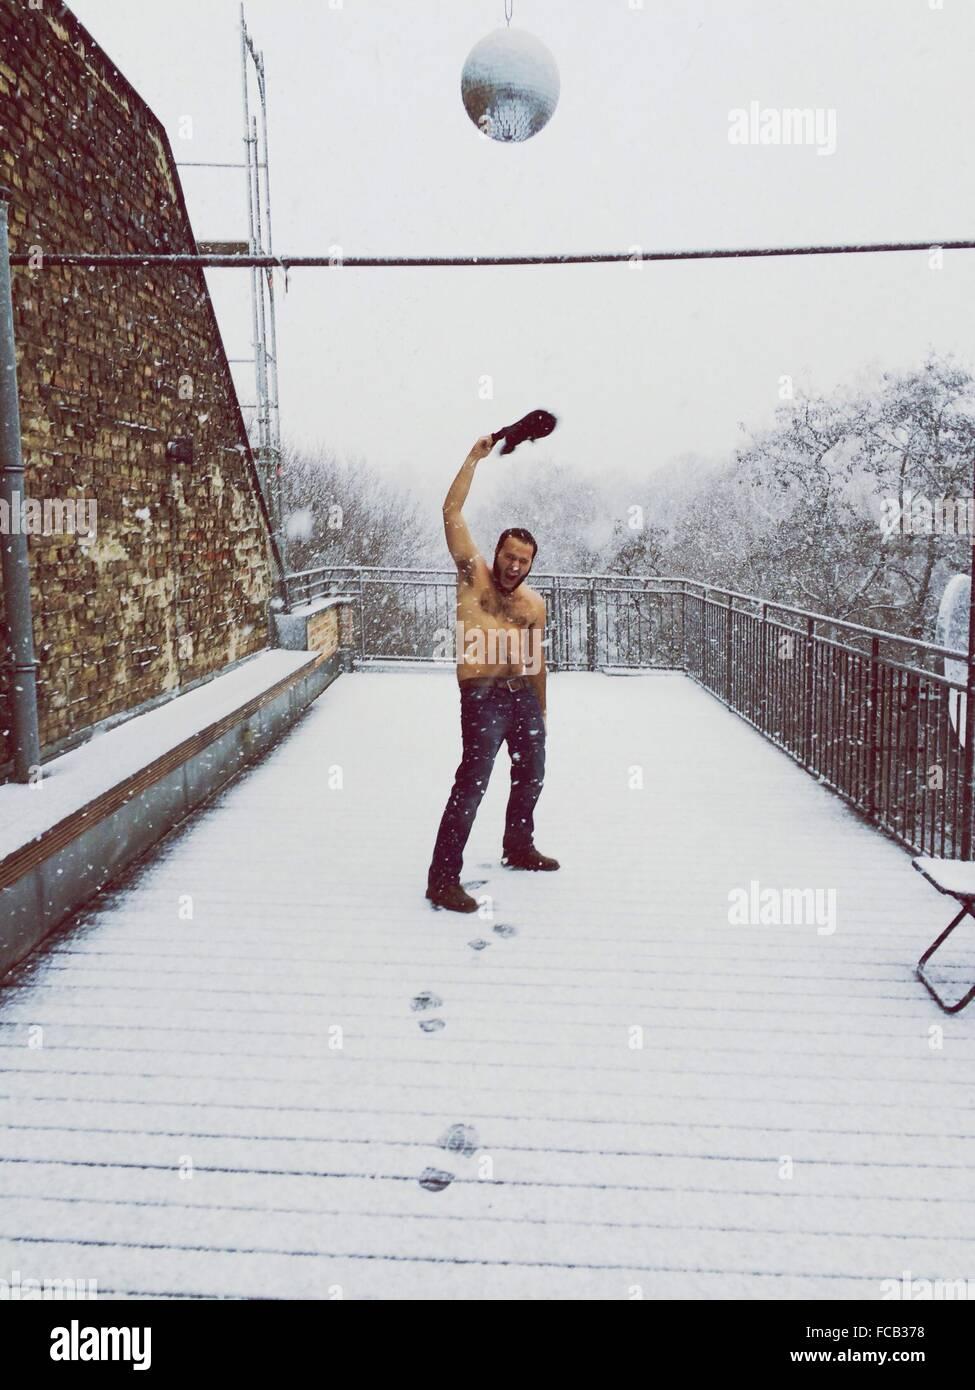 Full Length Of Shirtless Man Throwing Shirt In Snow - Stock Image